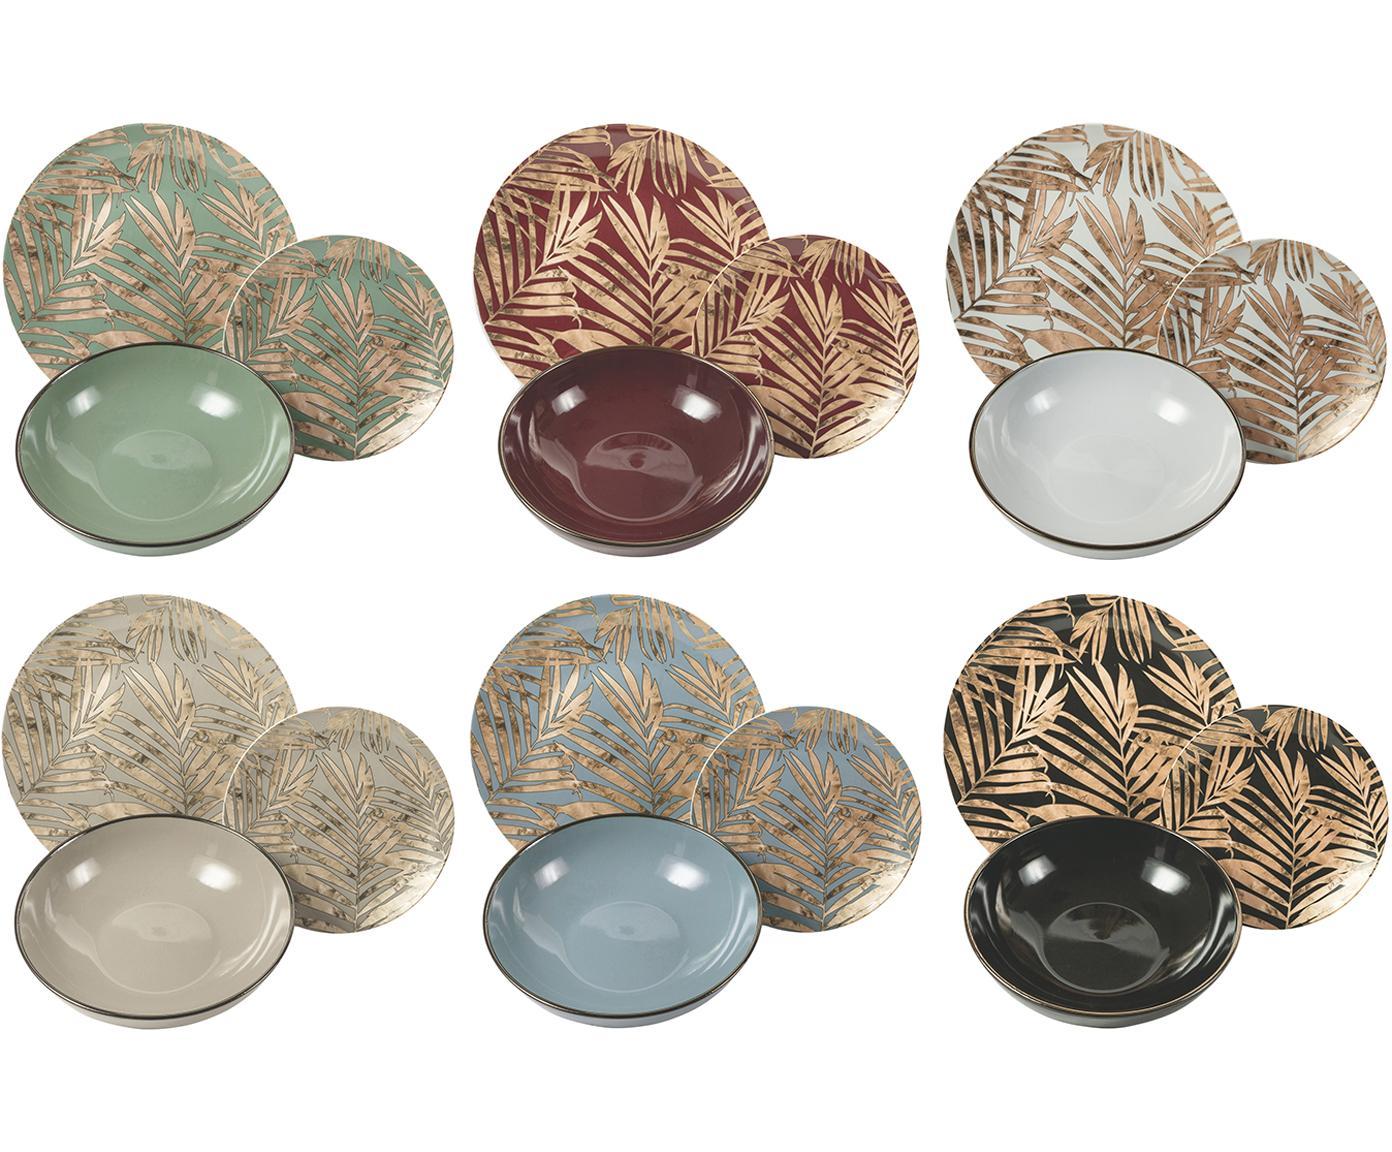 Vajilla Forest Chic, 6comensales (18pzas.), Porcelana, Multicolor, Tamaños diferentes